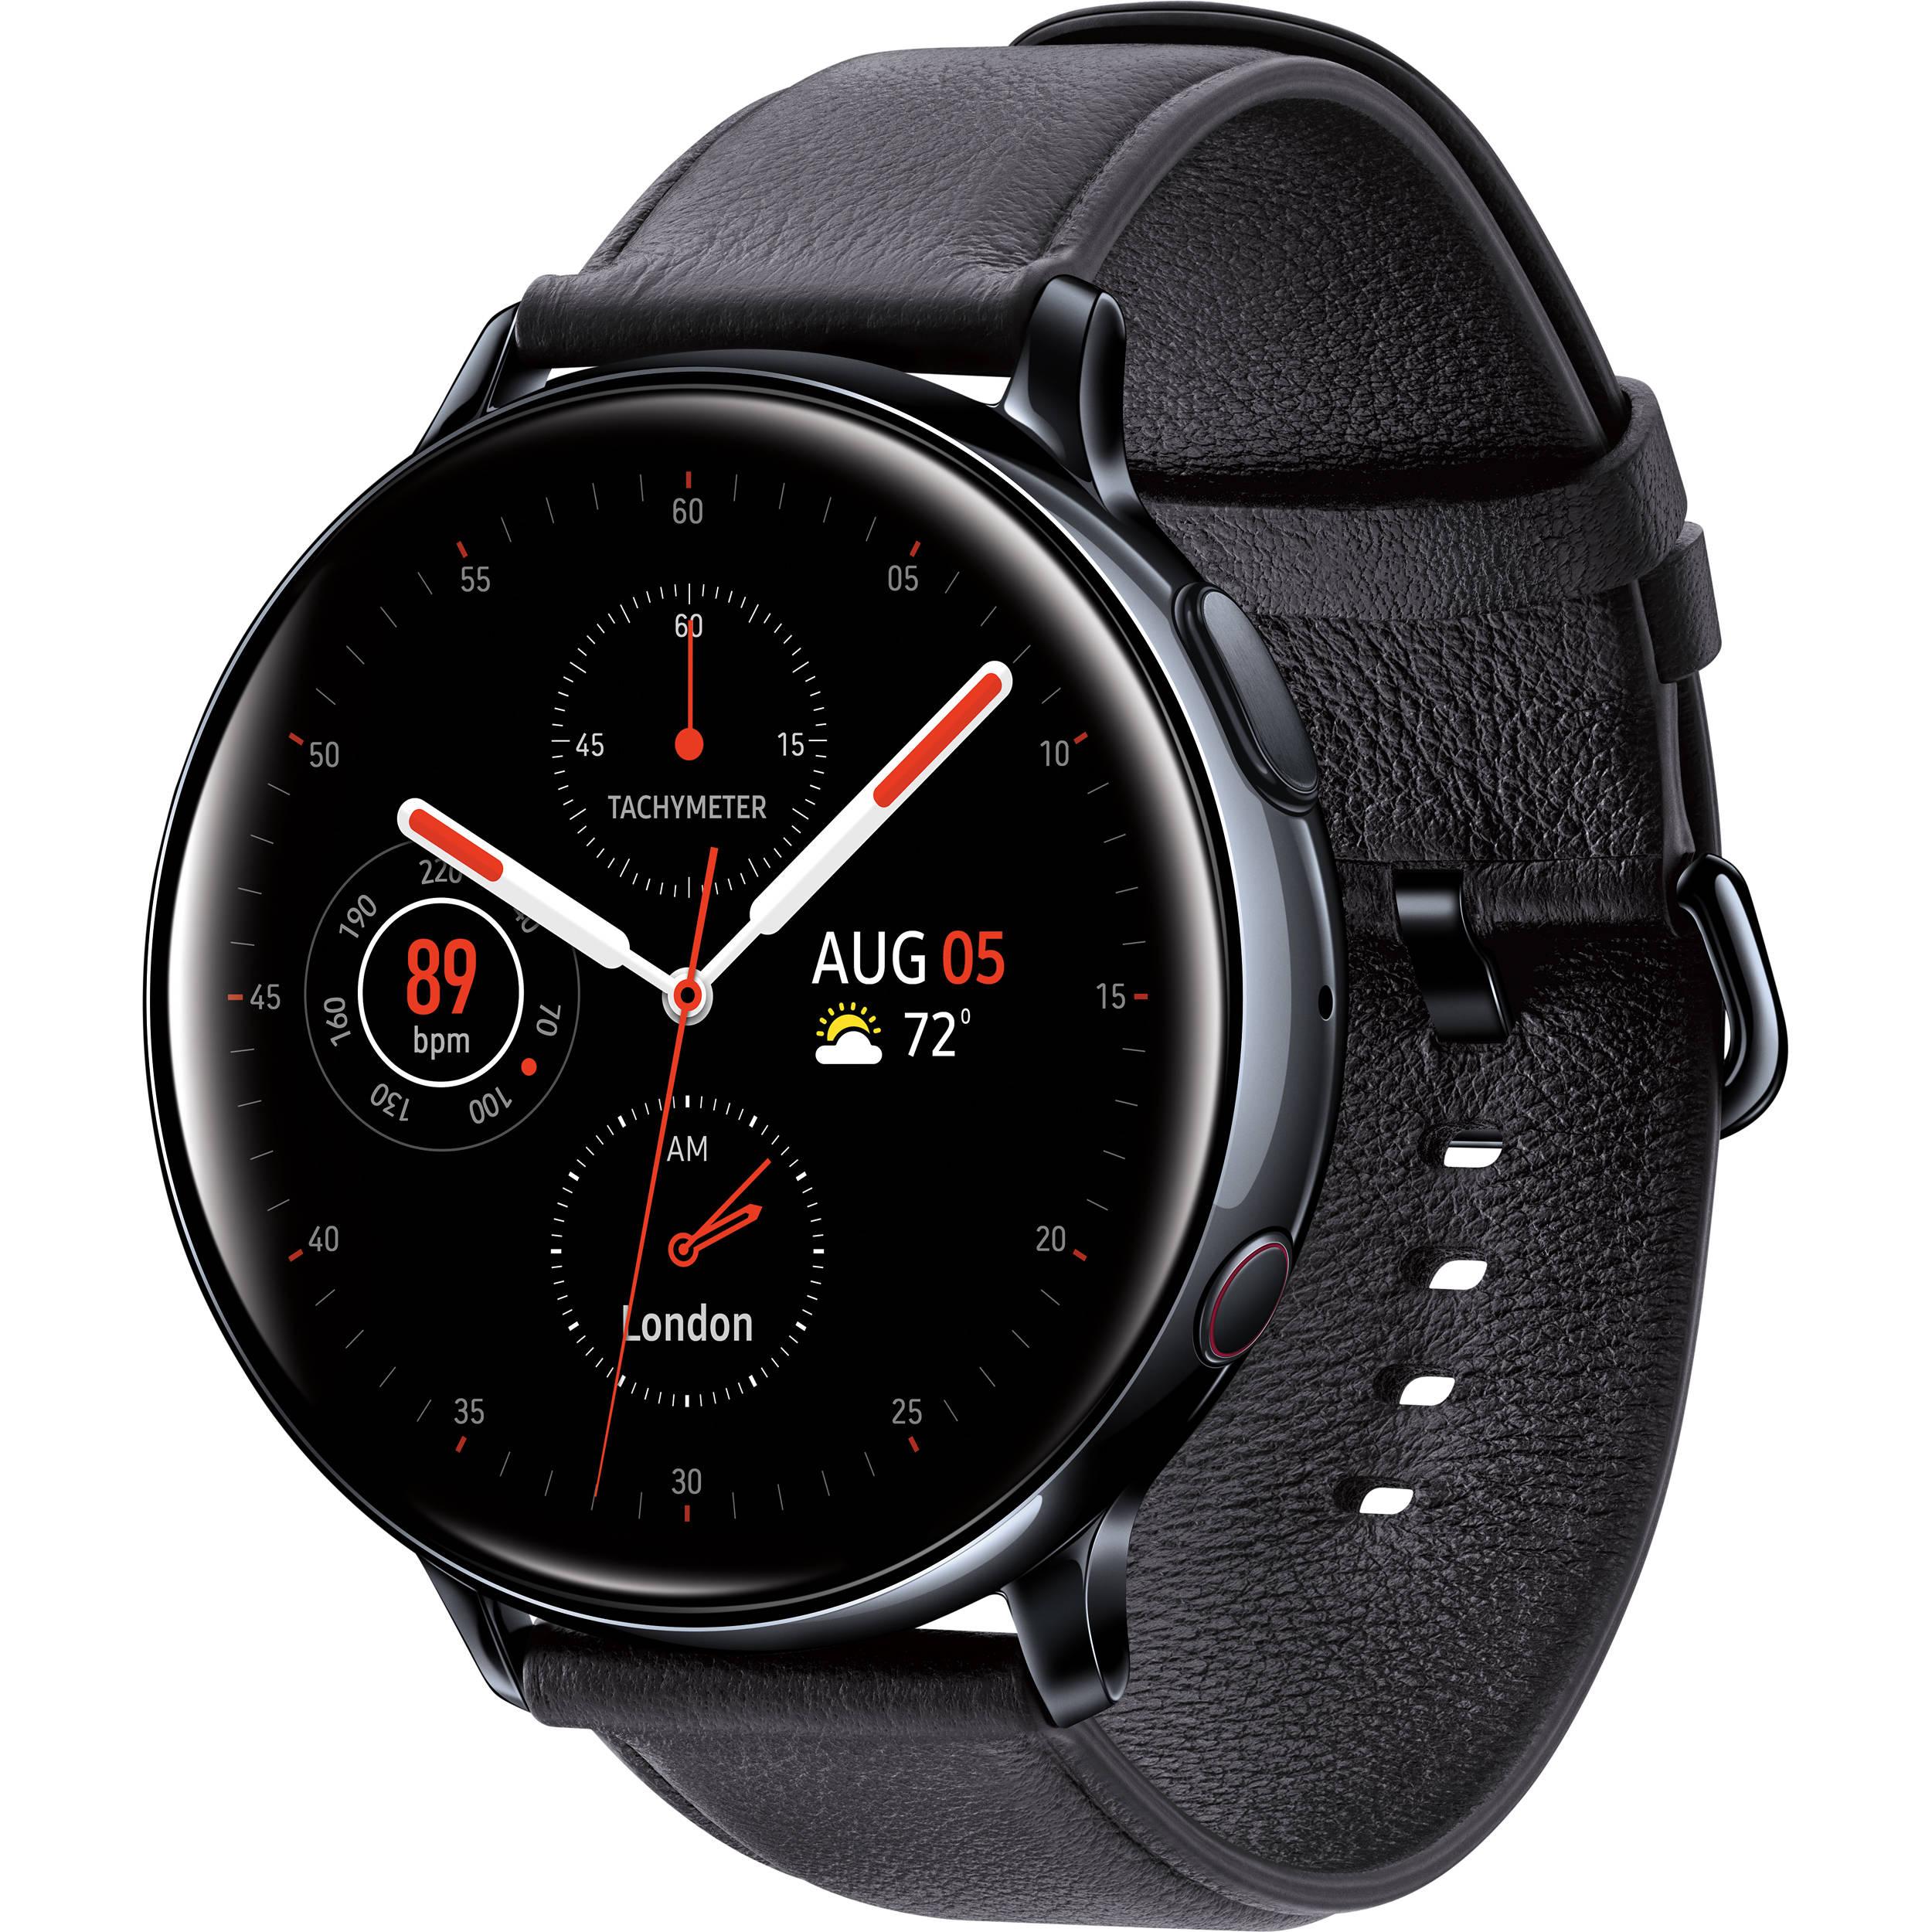 Samsung Galaxy Watch Active2 LTE Smartwatch SM-R825USKAXAR B&H